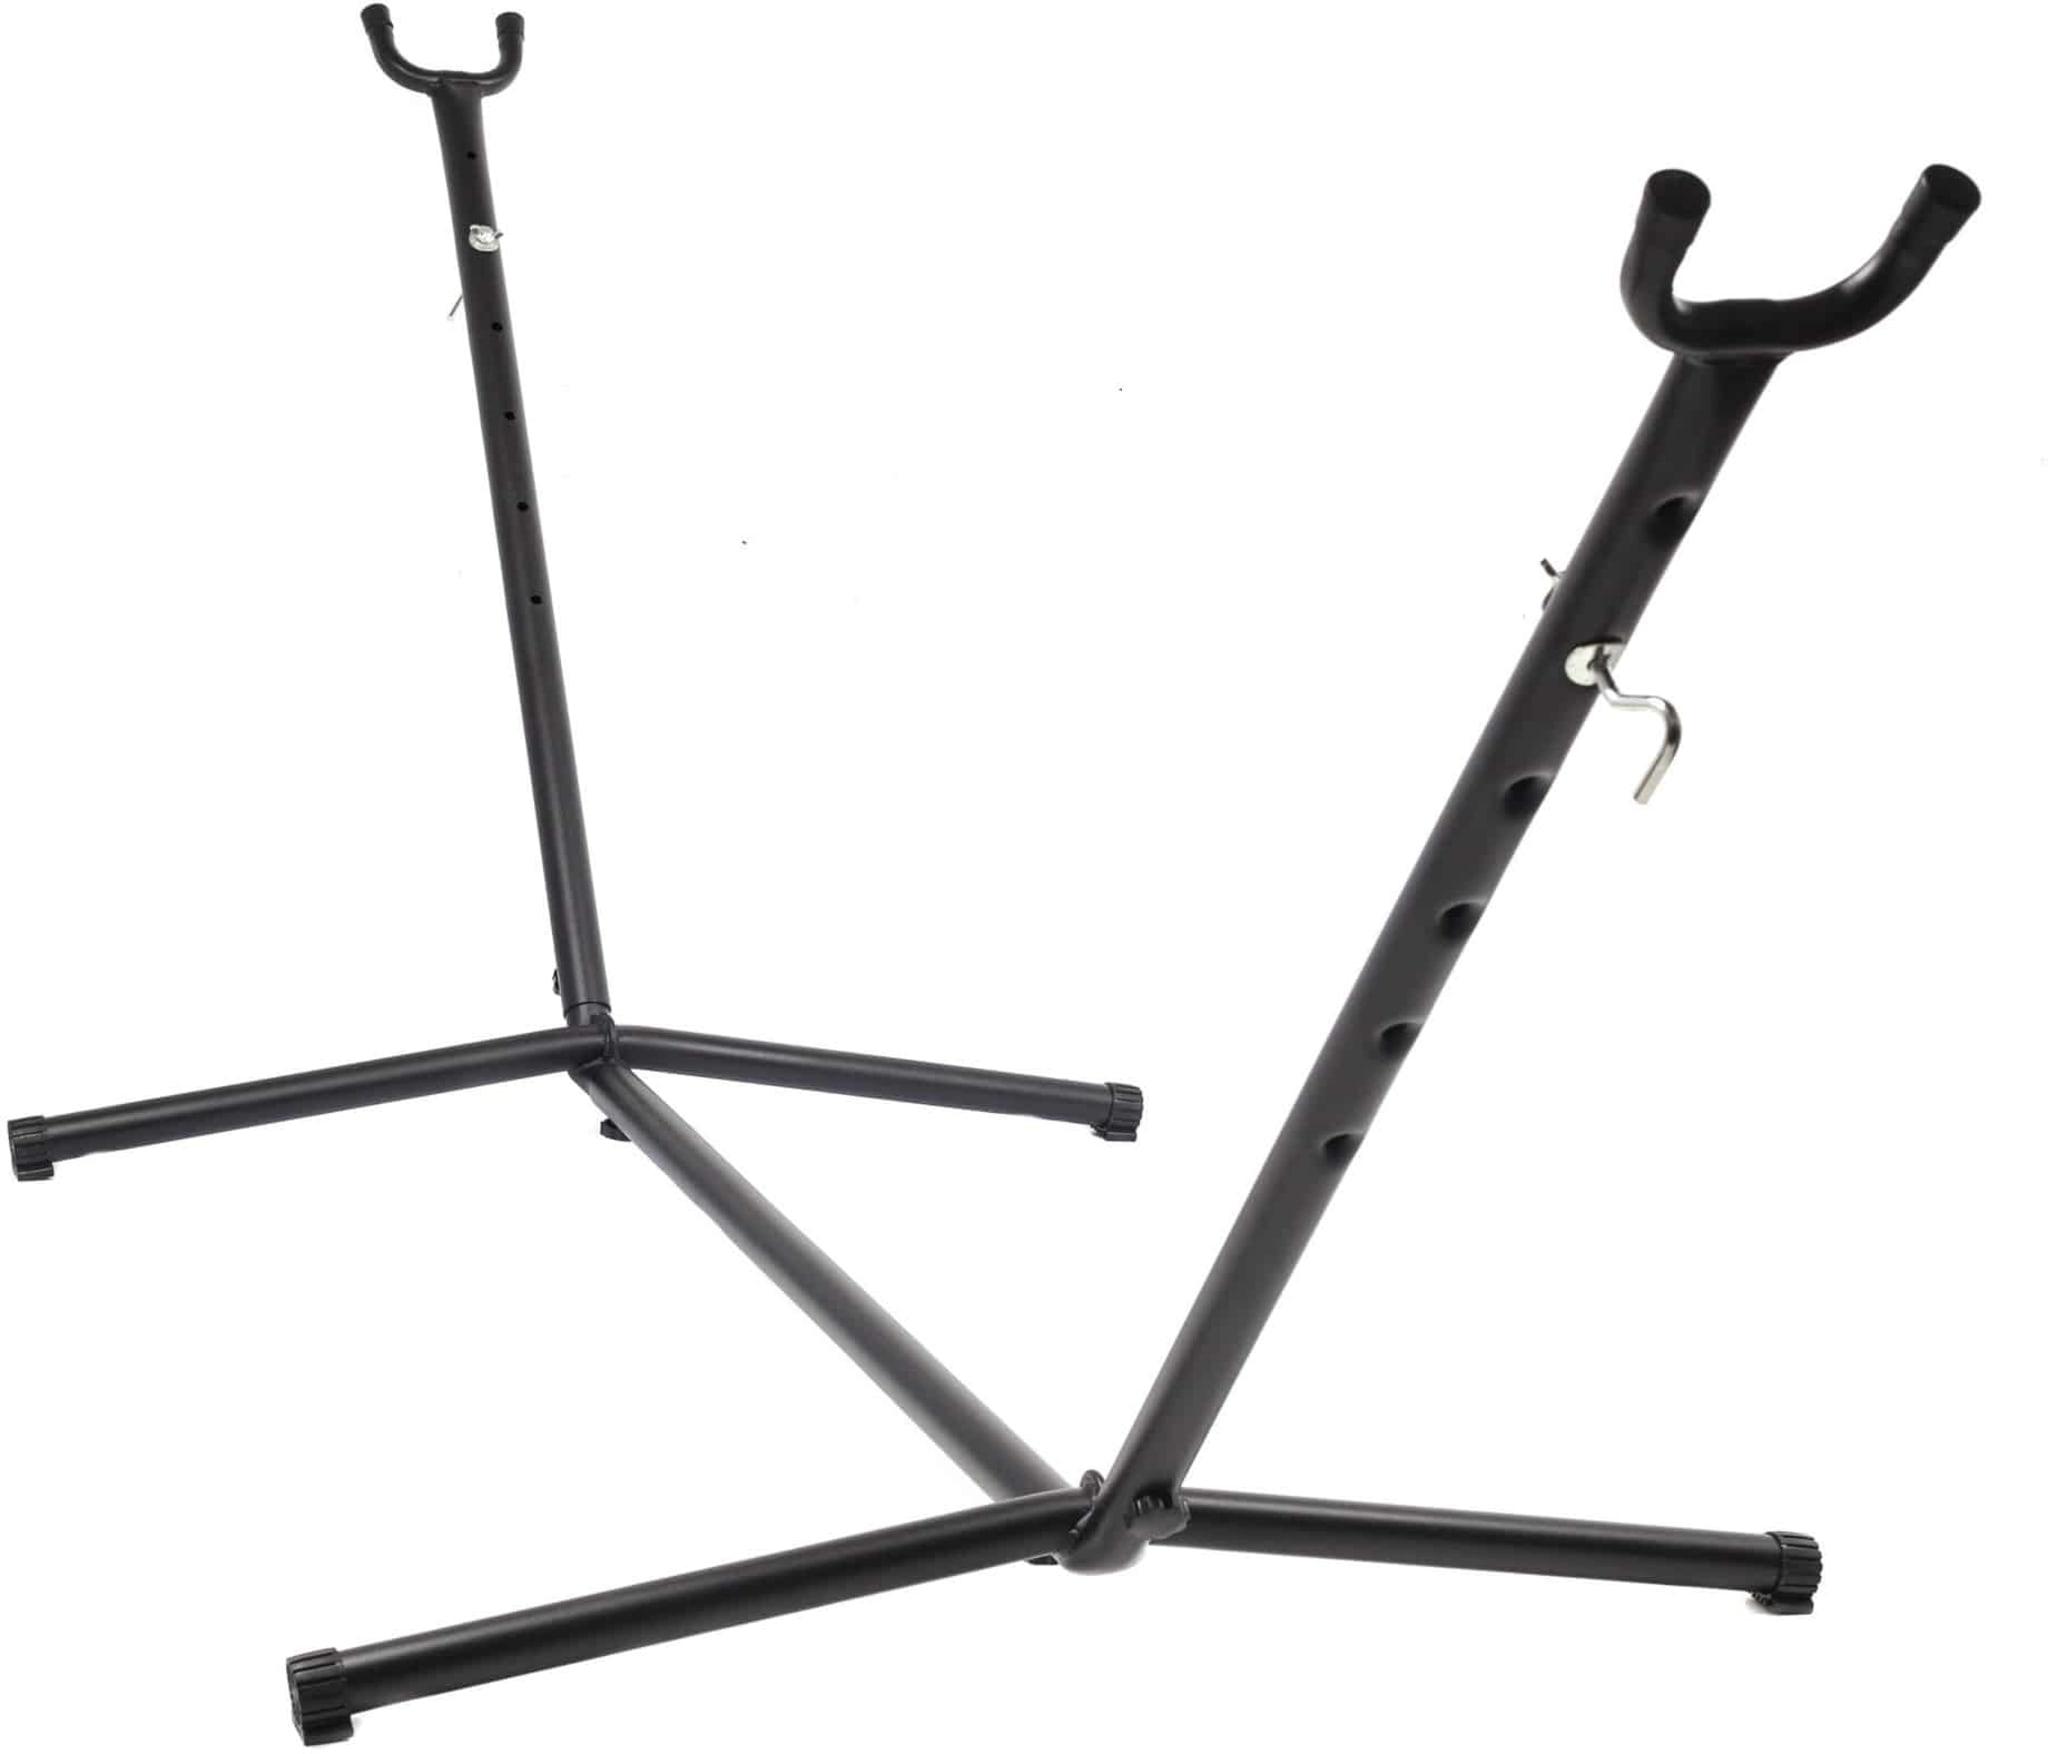 Stilrent og solid stativ til oppheng av hengekøye